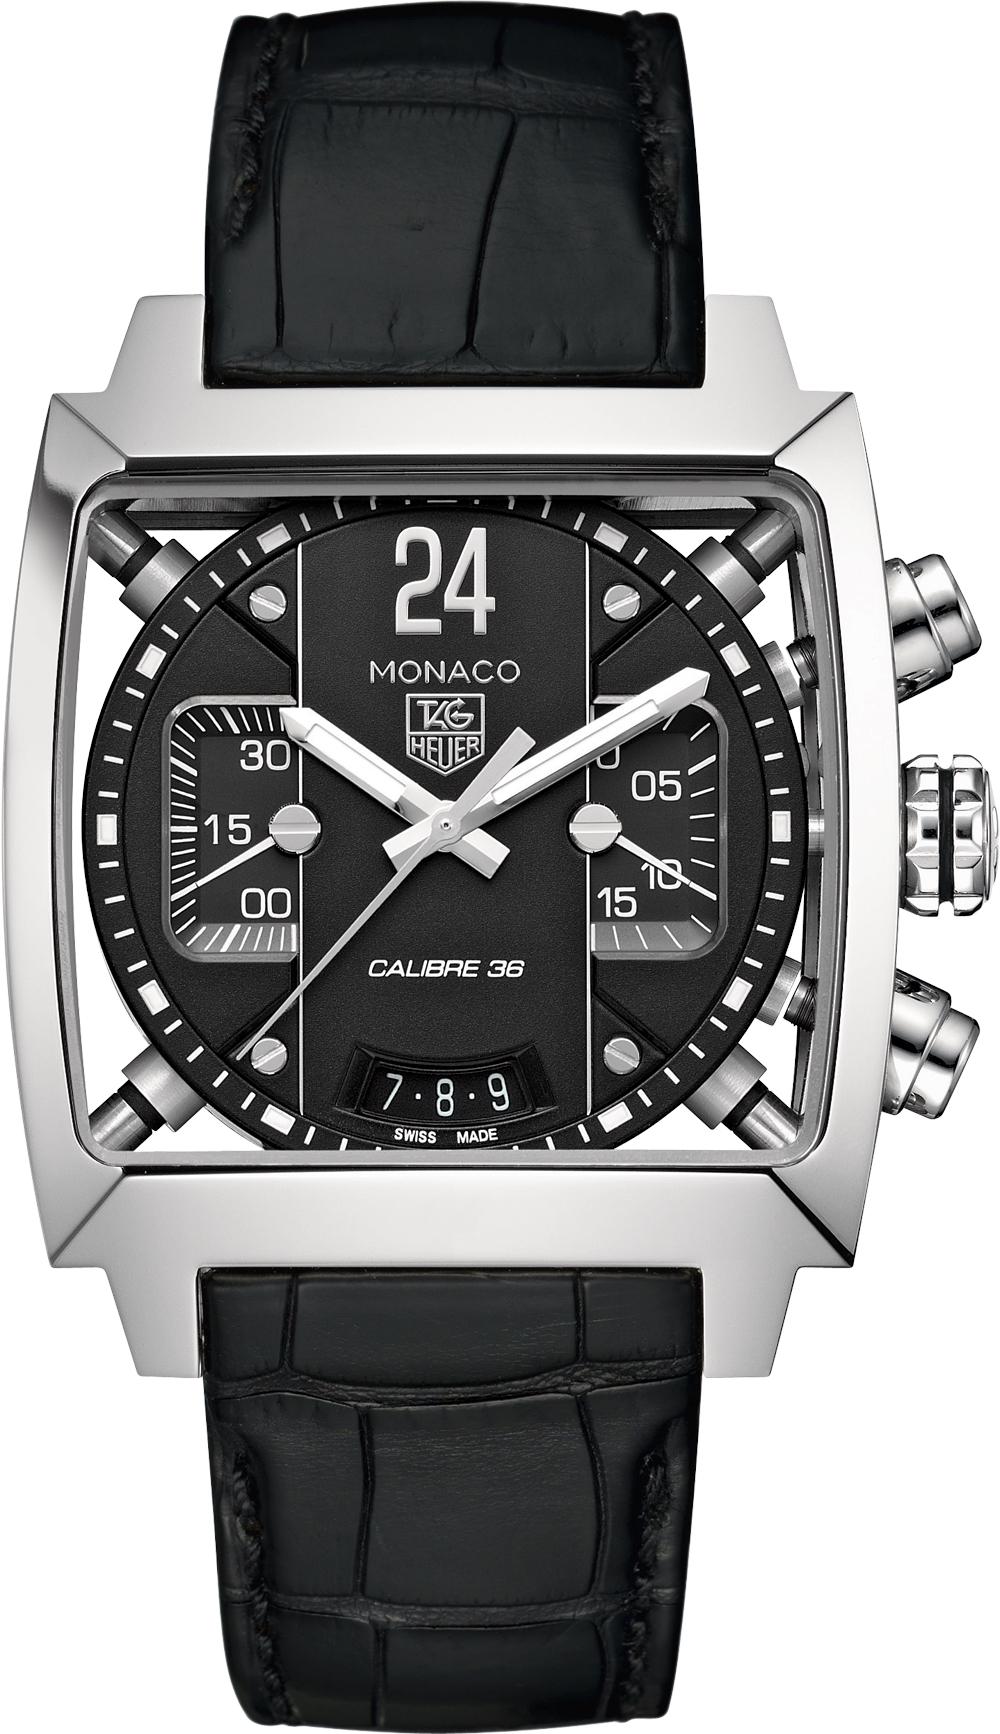 Мужские наручные часы Tag Heuer Monaco 24 в черном цвете